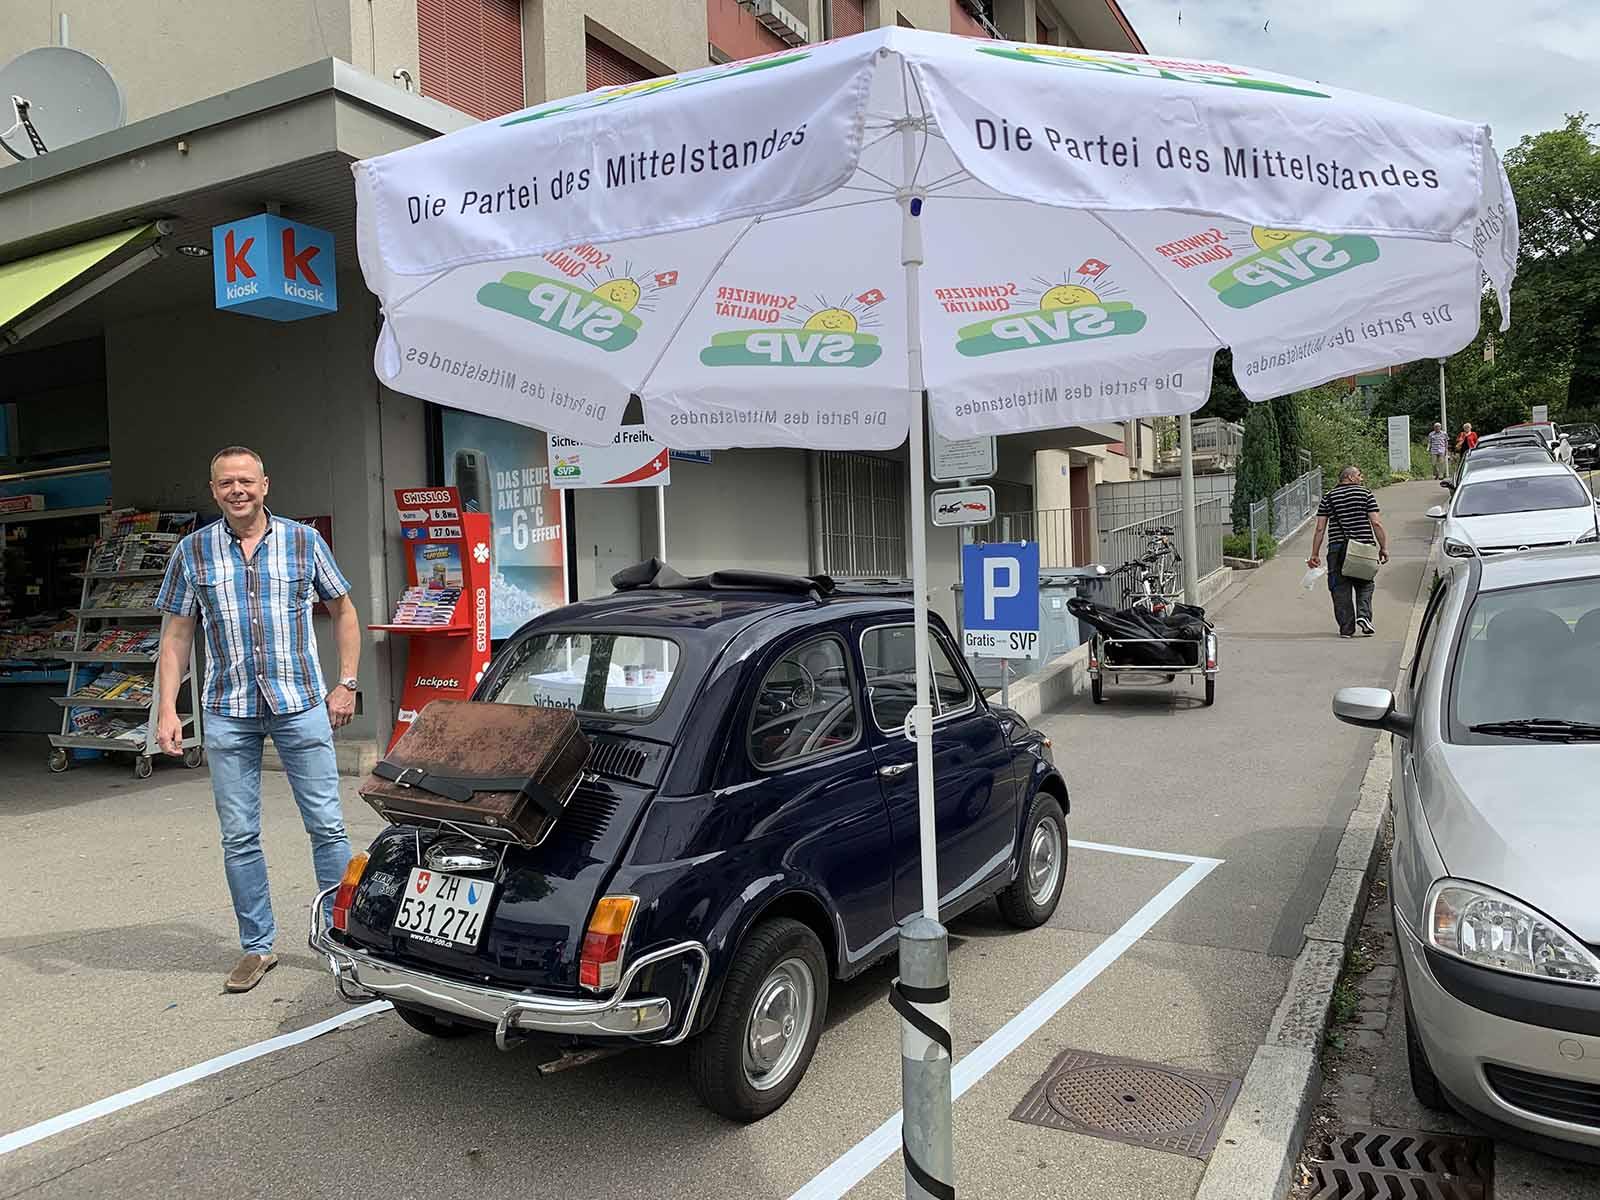 Die SVP organisierte eine von den Medien beachtete Standaktion zum Thema Parkplatzabbau.